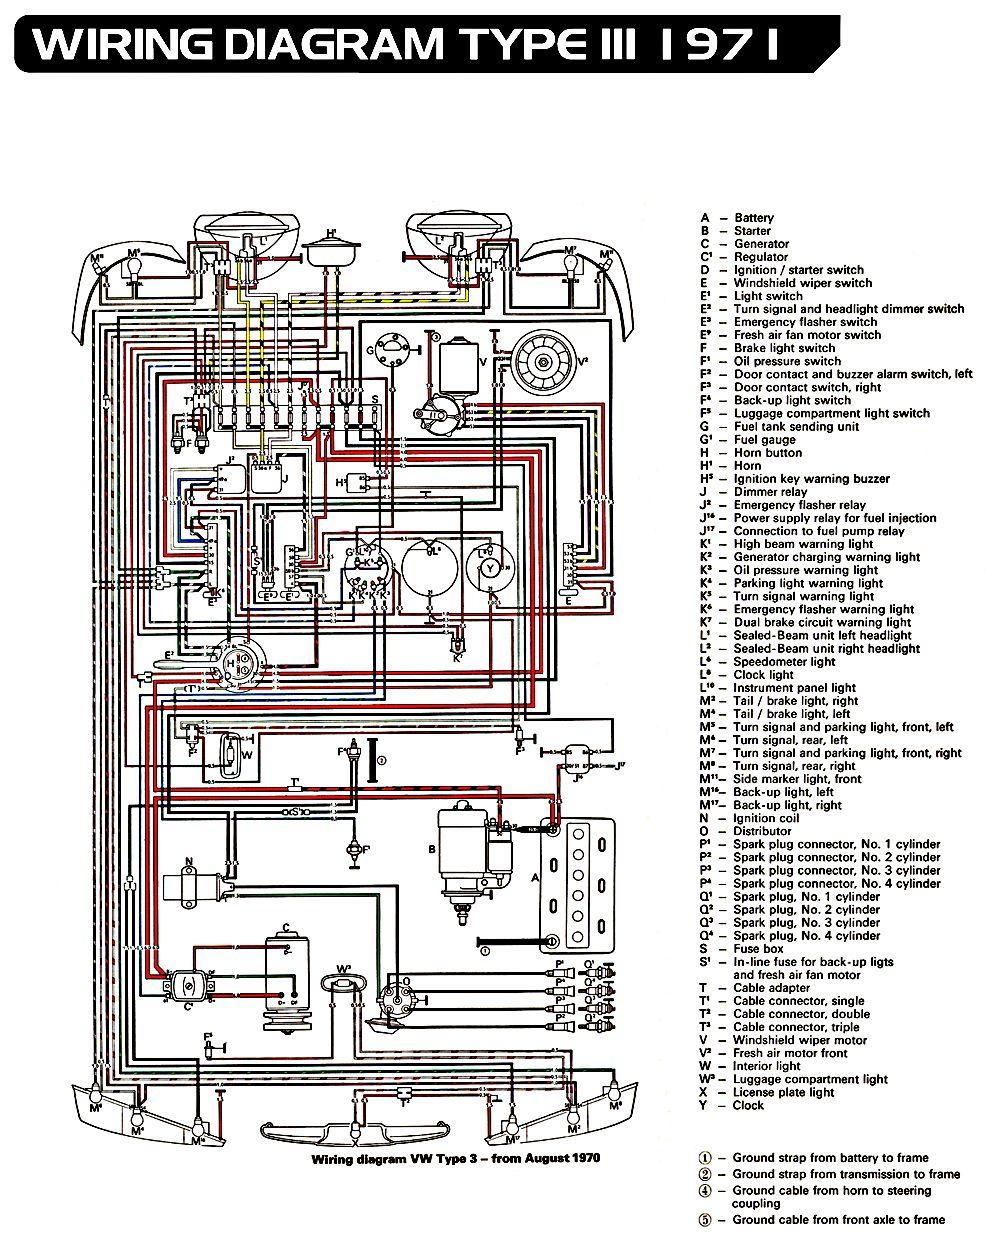 1971 Type 3 Vw Wiring Diagram So Simple Compared To A Modern Ecu Enabled Car Vw Vocho Vochos Clasicos Volkswagen Escarabajo